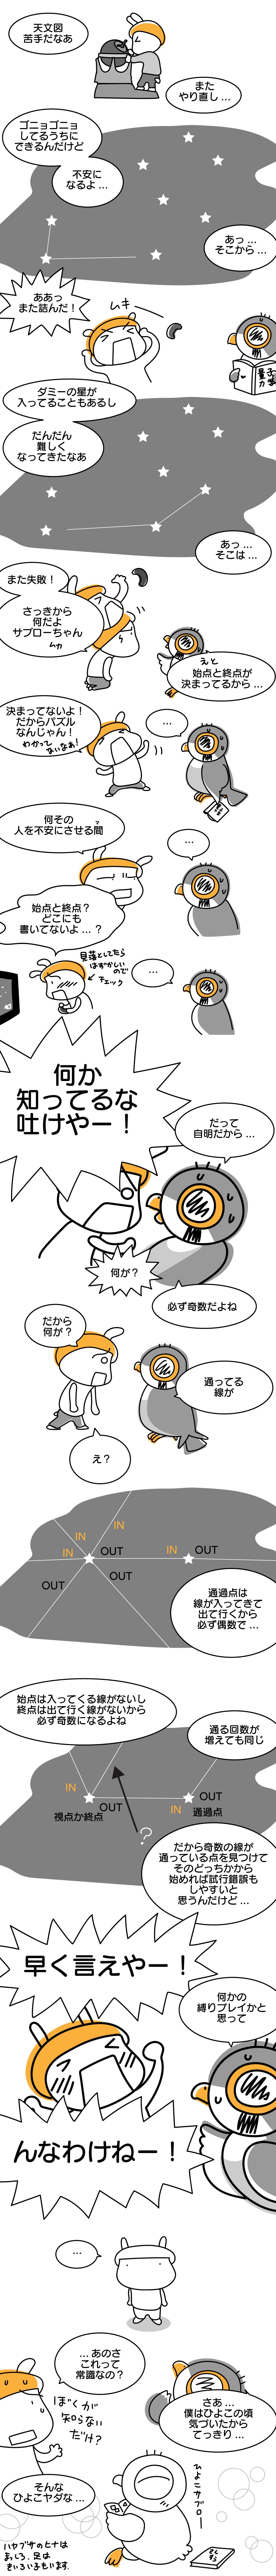 ドラゴンエイジ:インクイジション簡単天文図攻略(漫画)